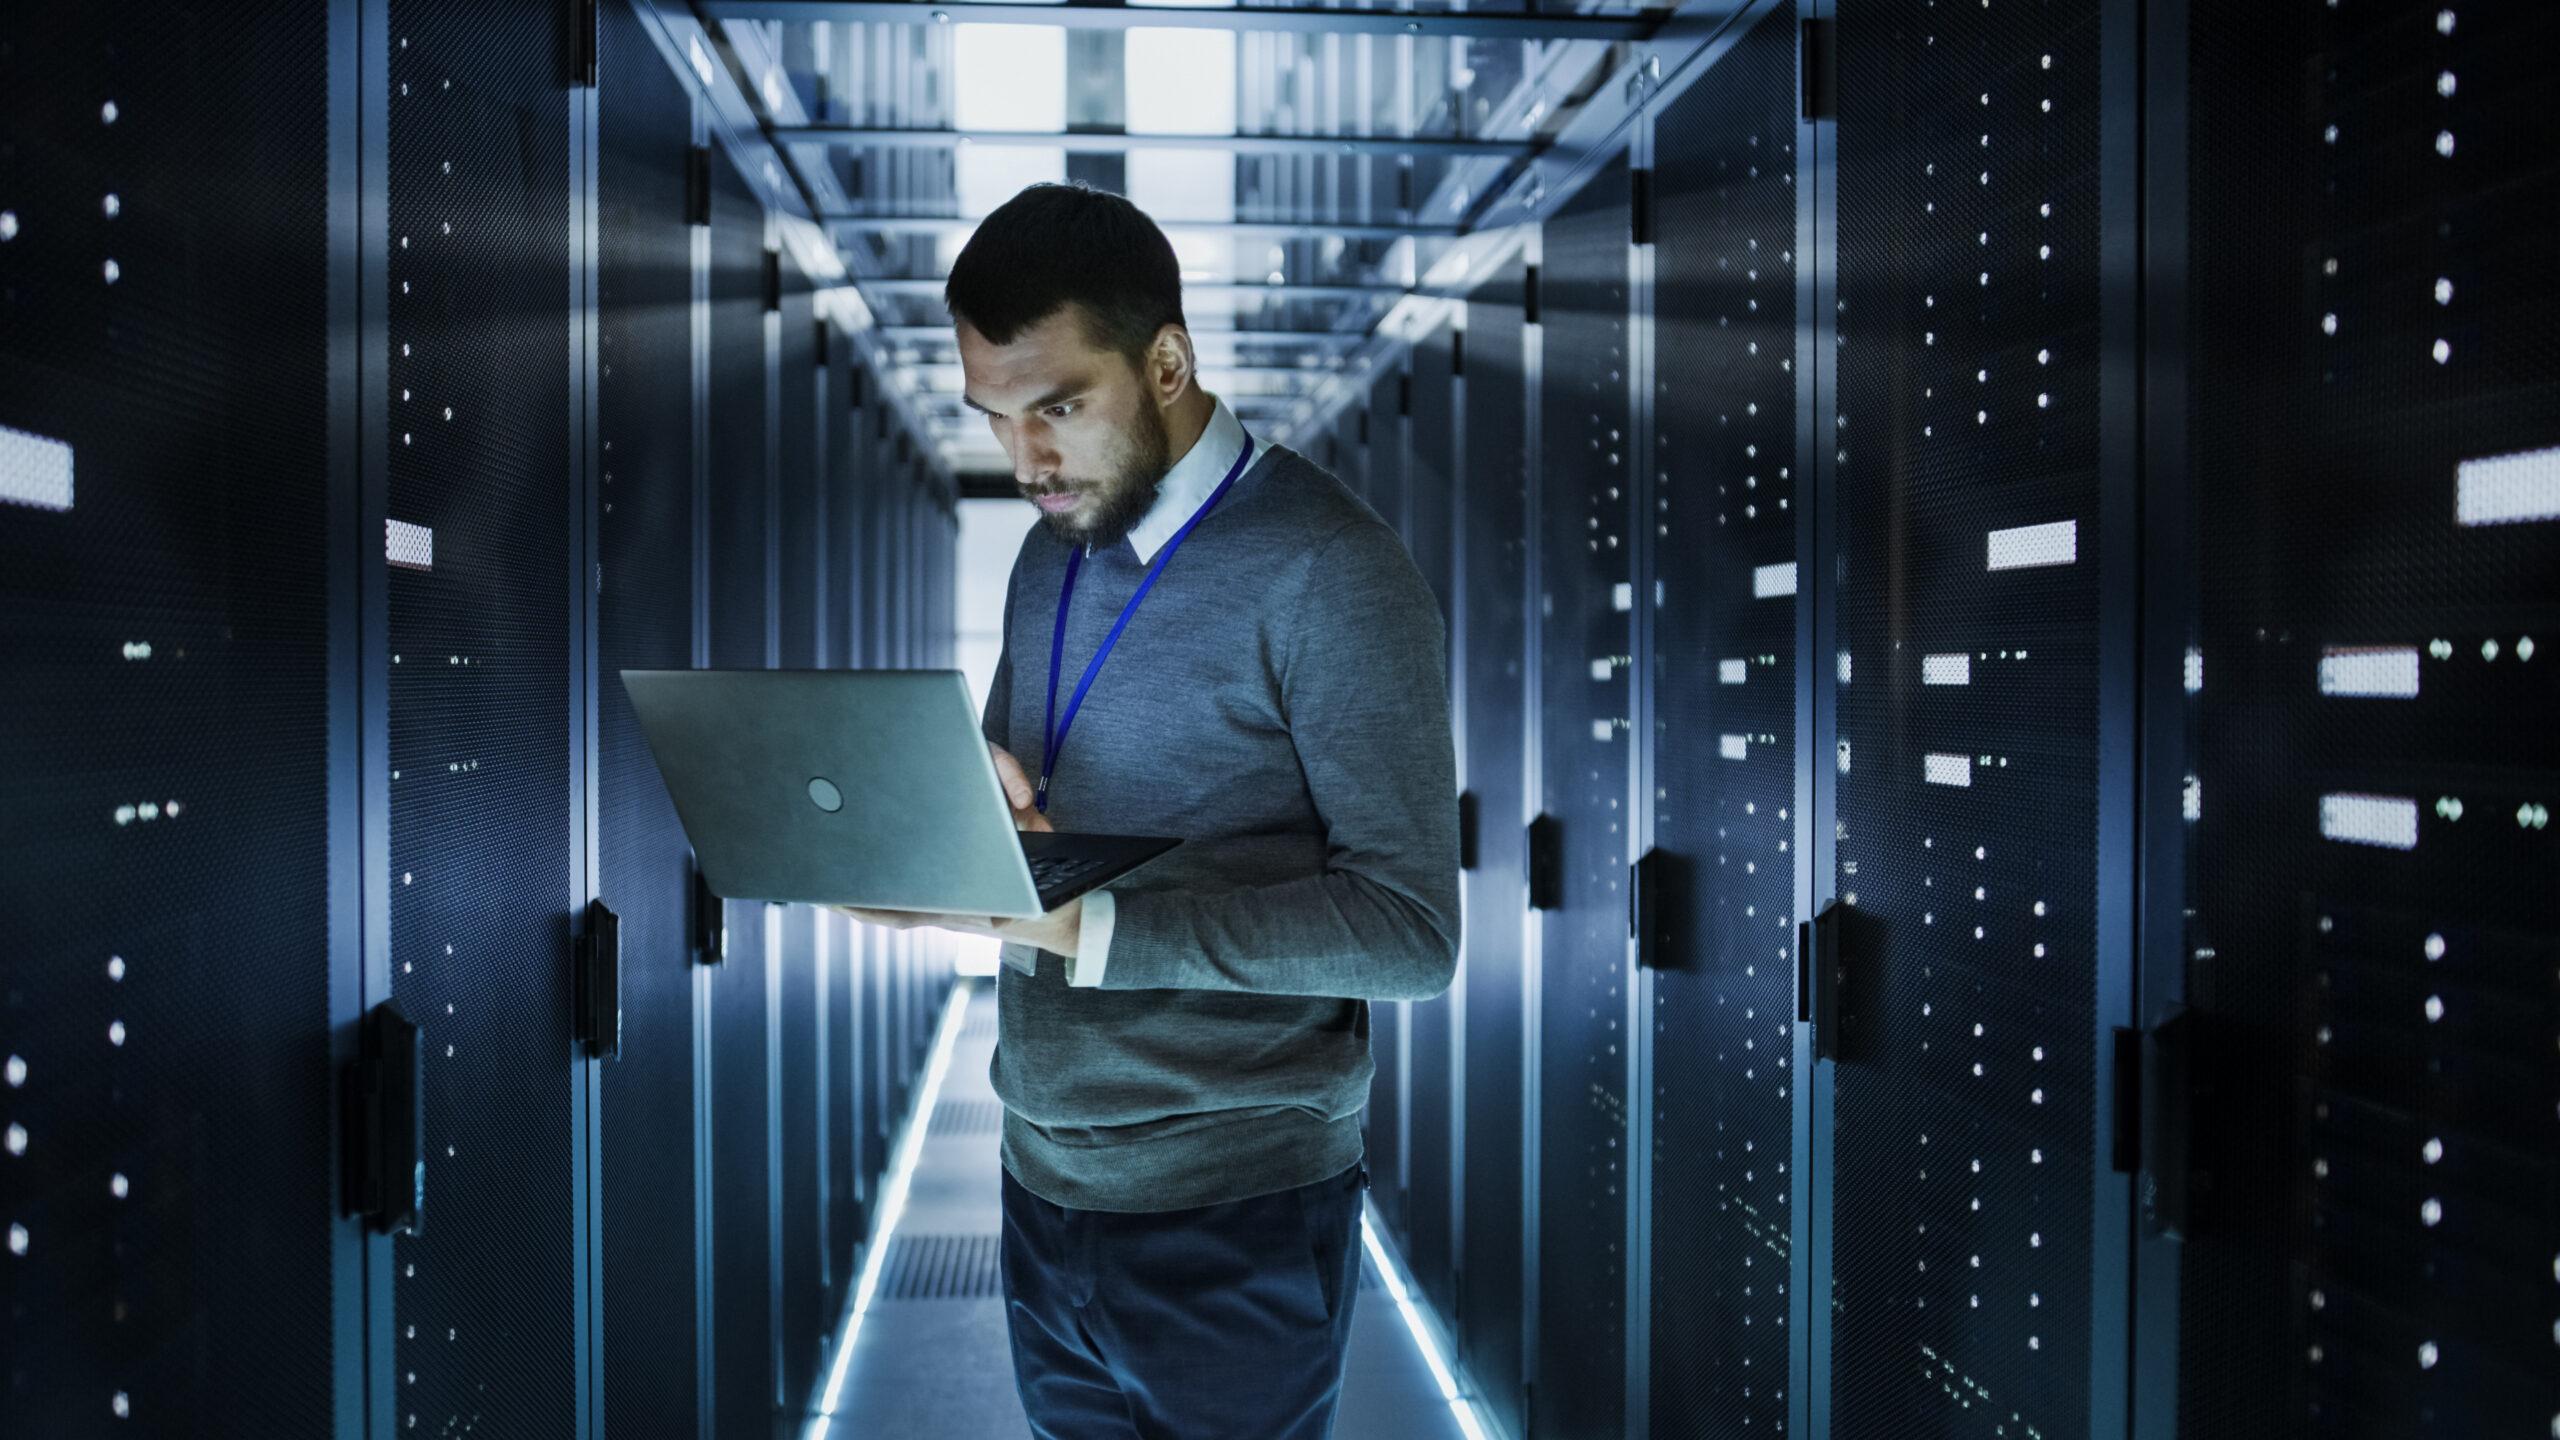 Man Holding Laptop in Data Center